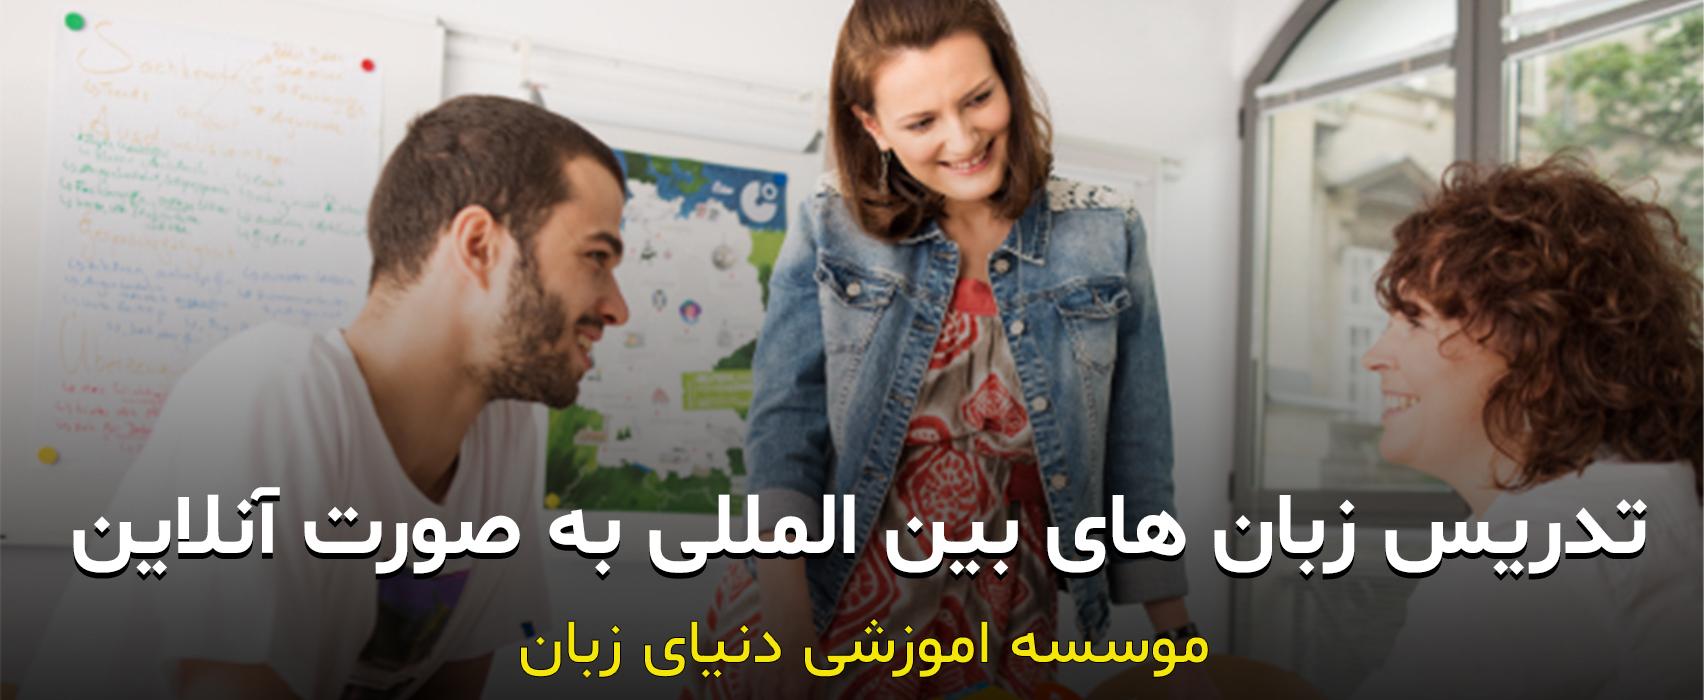 تدریس زبان به صورت انلاین و مجازی